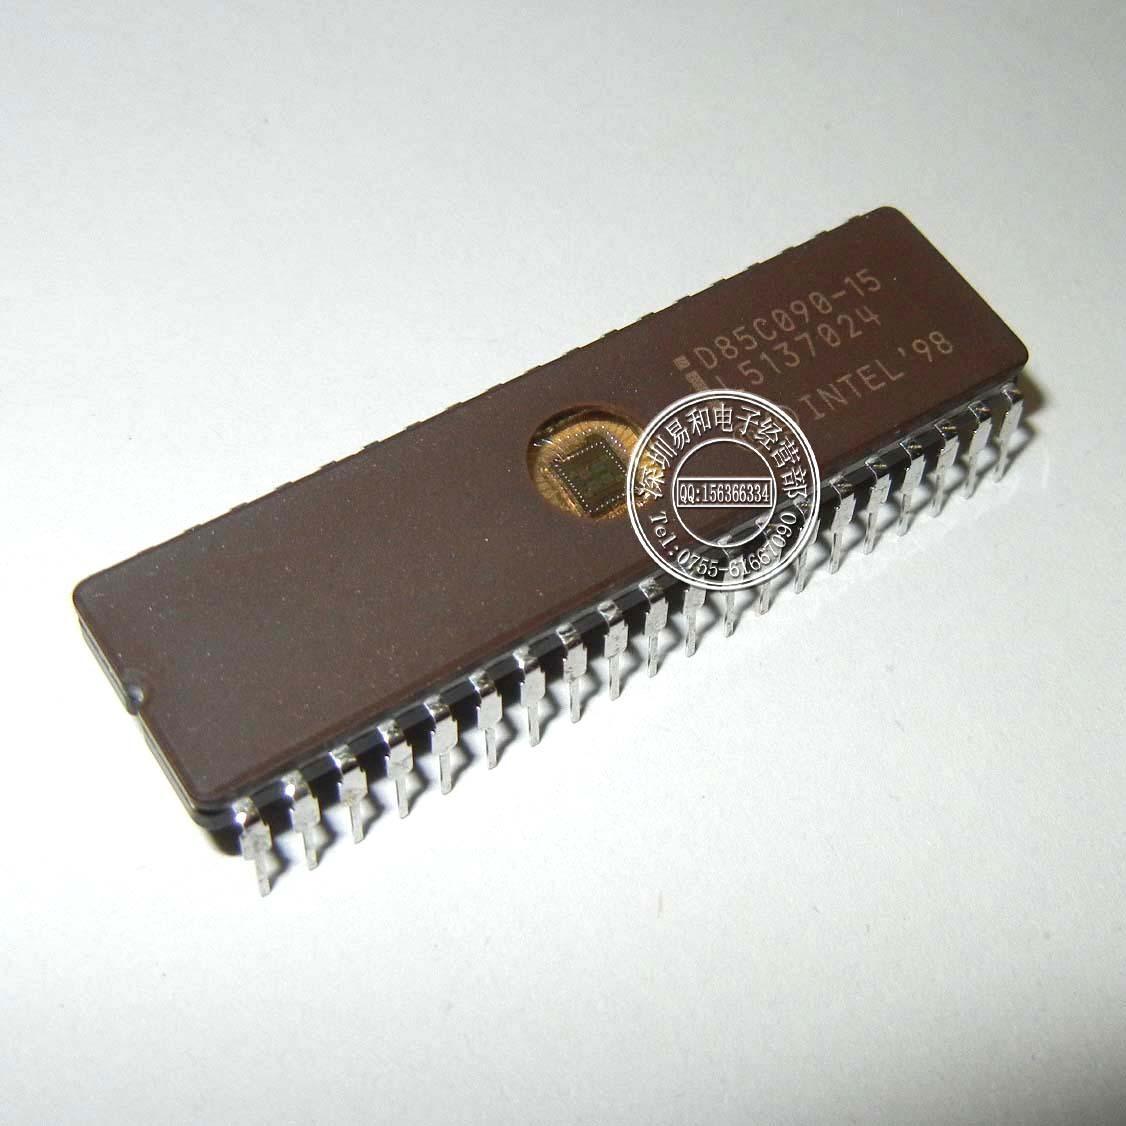 Здесь можно купить   10PCS  D85C090-15 D85C090-25 D85C090   10PCS  D85C090-15 D85C090-25 D85C090  Электронные компоненты и материалы